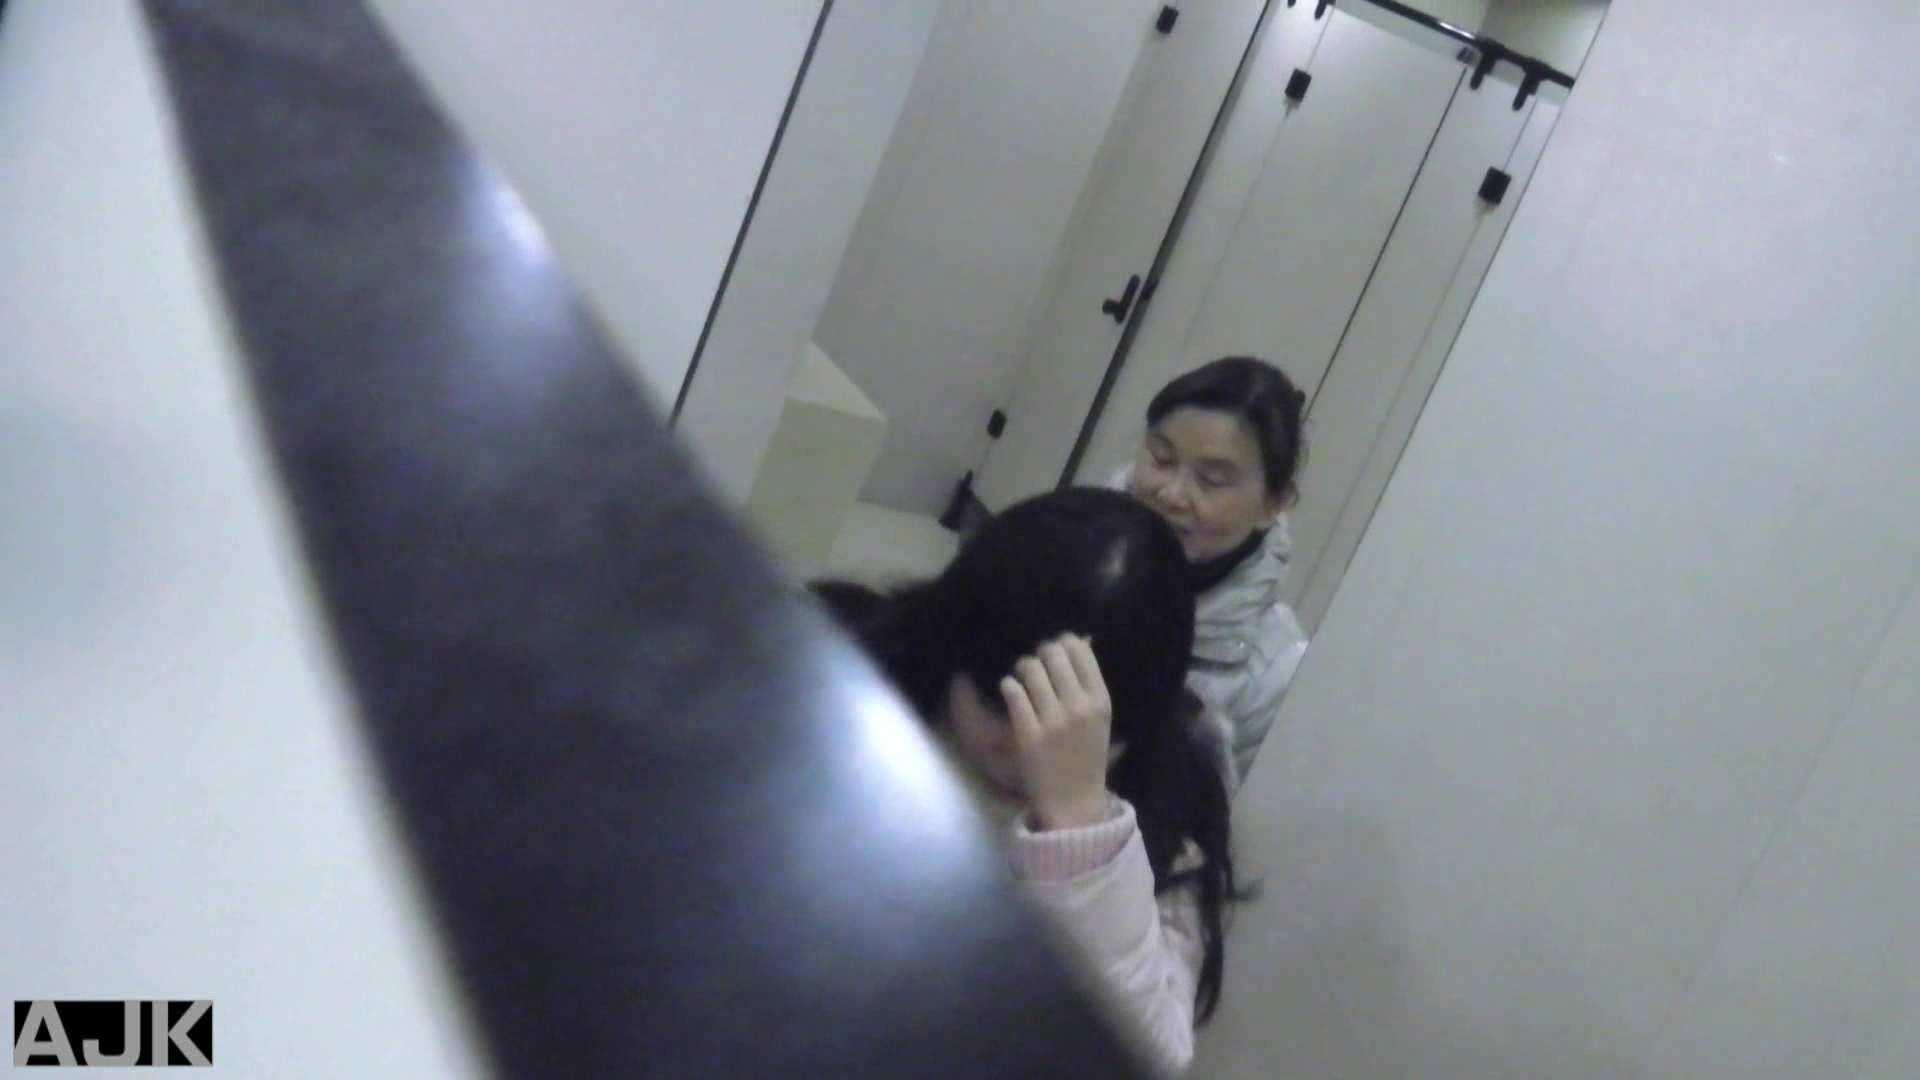 隣国上階級エリアの令嬢たちが集うデパートお手洗い Vol.29 便所の中まで 性交動画流出 108枚 41